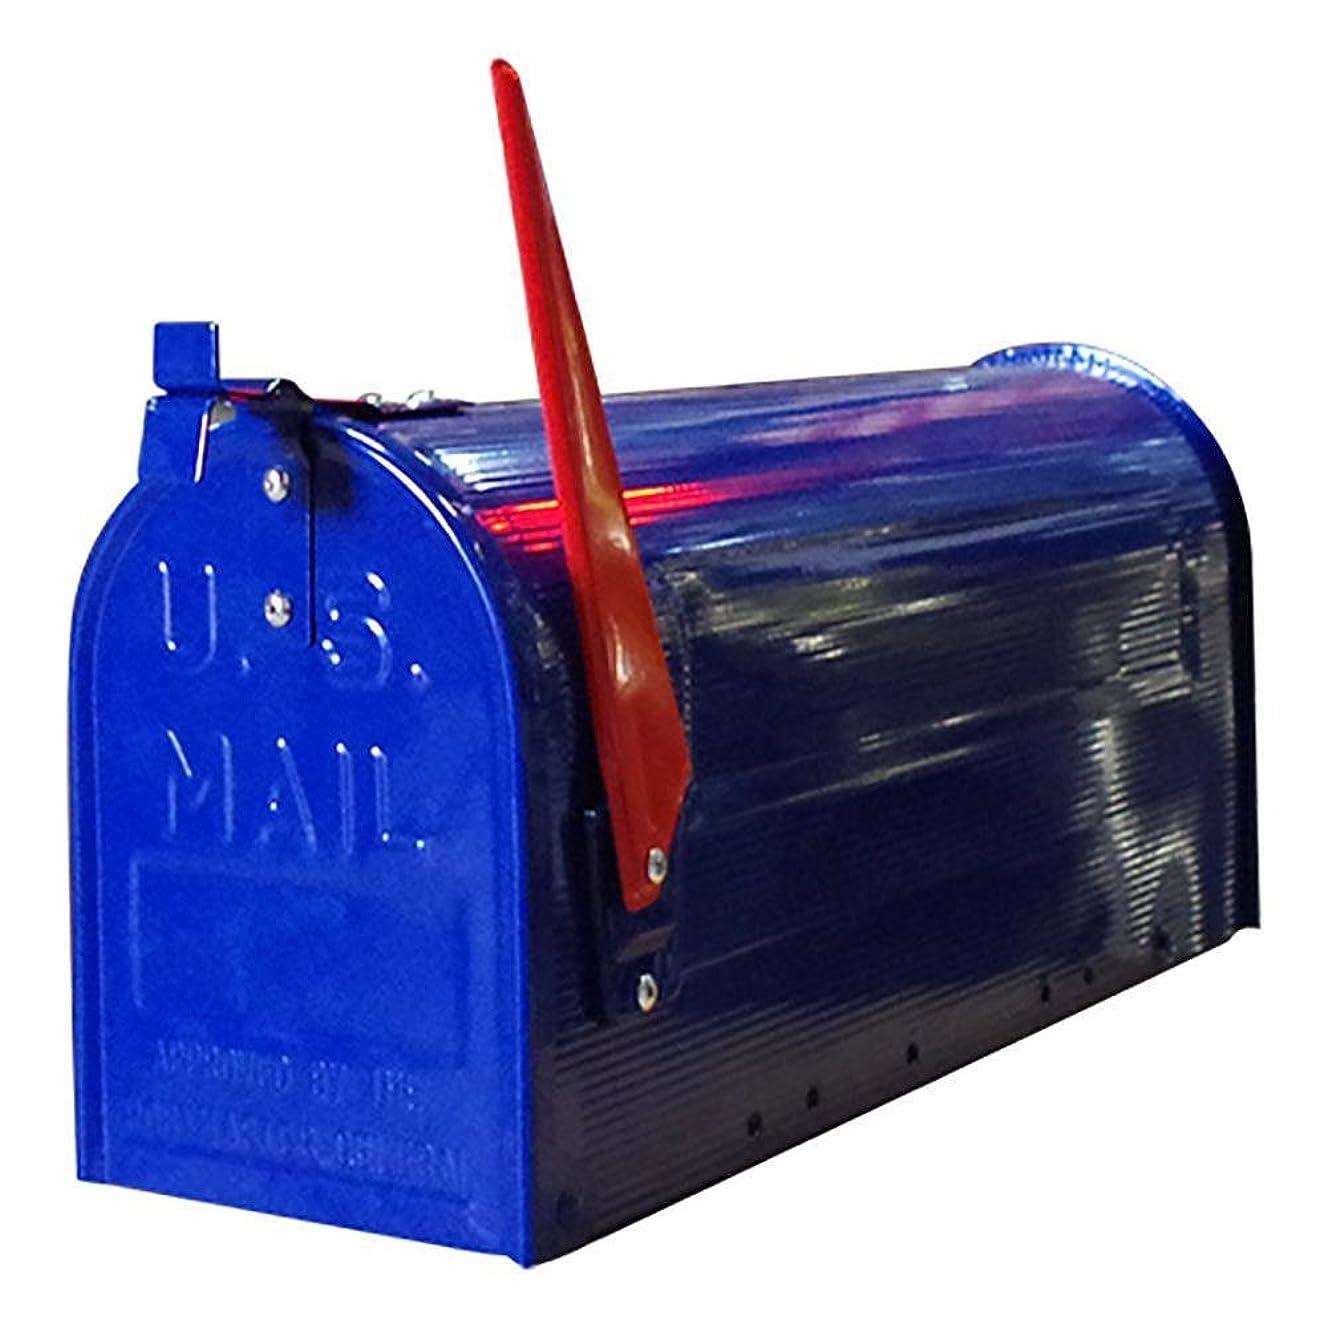 熟読する熱意キャッチアメリカン ポストボックス 専用ポール付き スタンド メールボックス ネイビー ポスト アメリカン雑貨